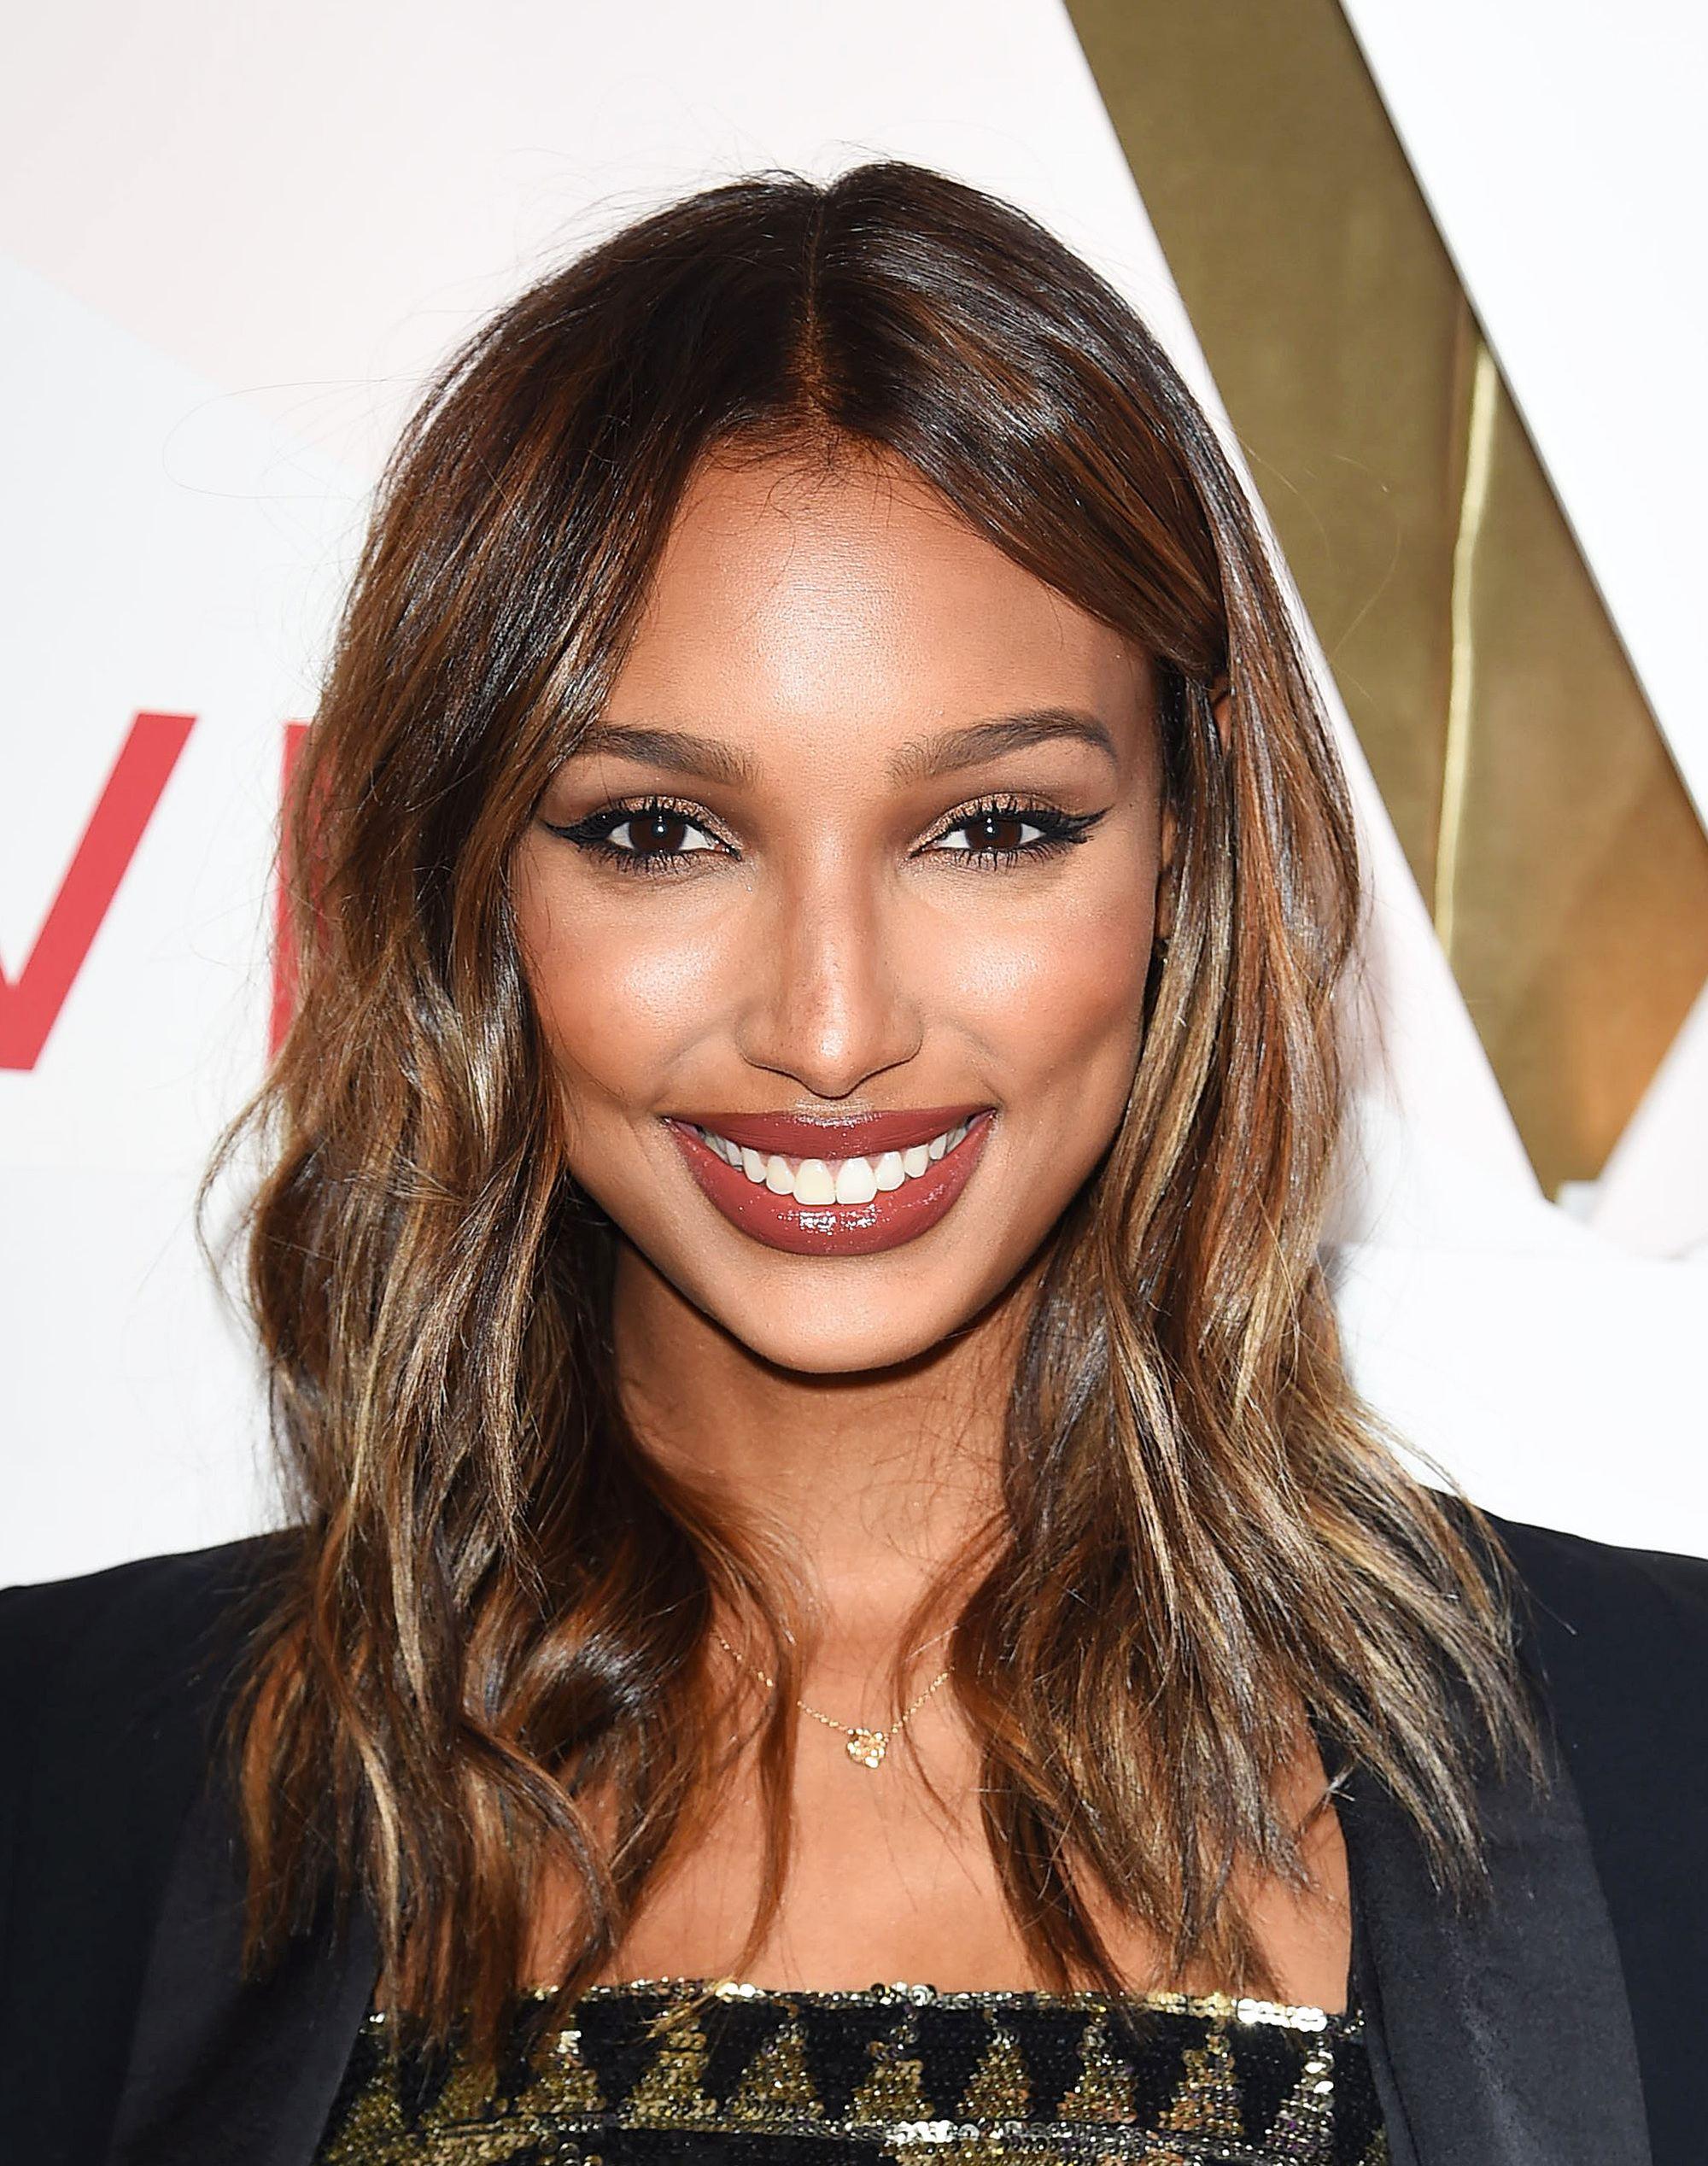 Jasmine Tookes avec des cheveux foncés aux épaules avec des reflets caramel sur le tapis rouge